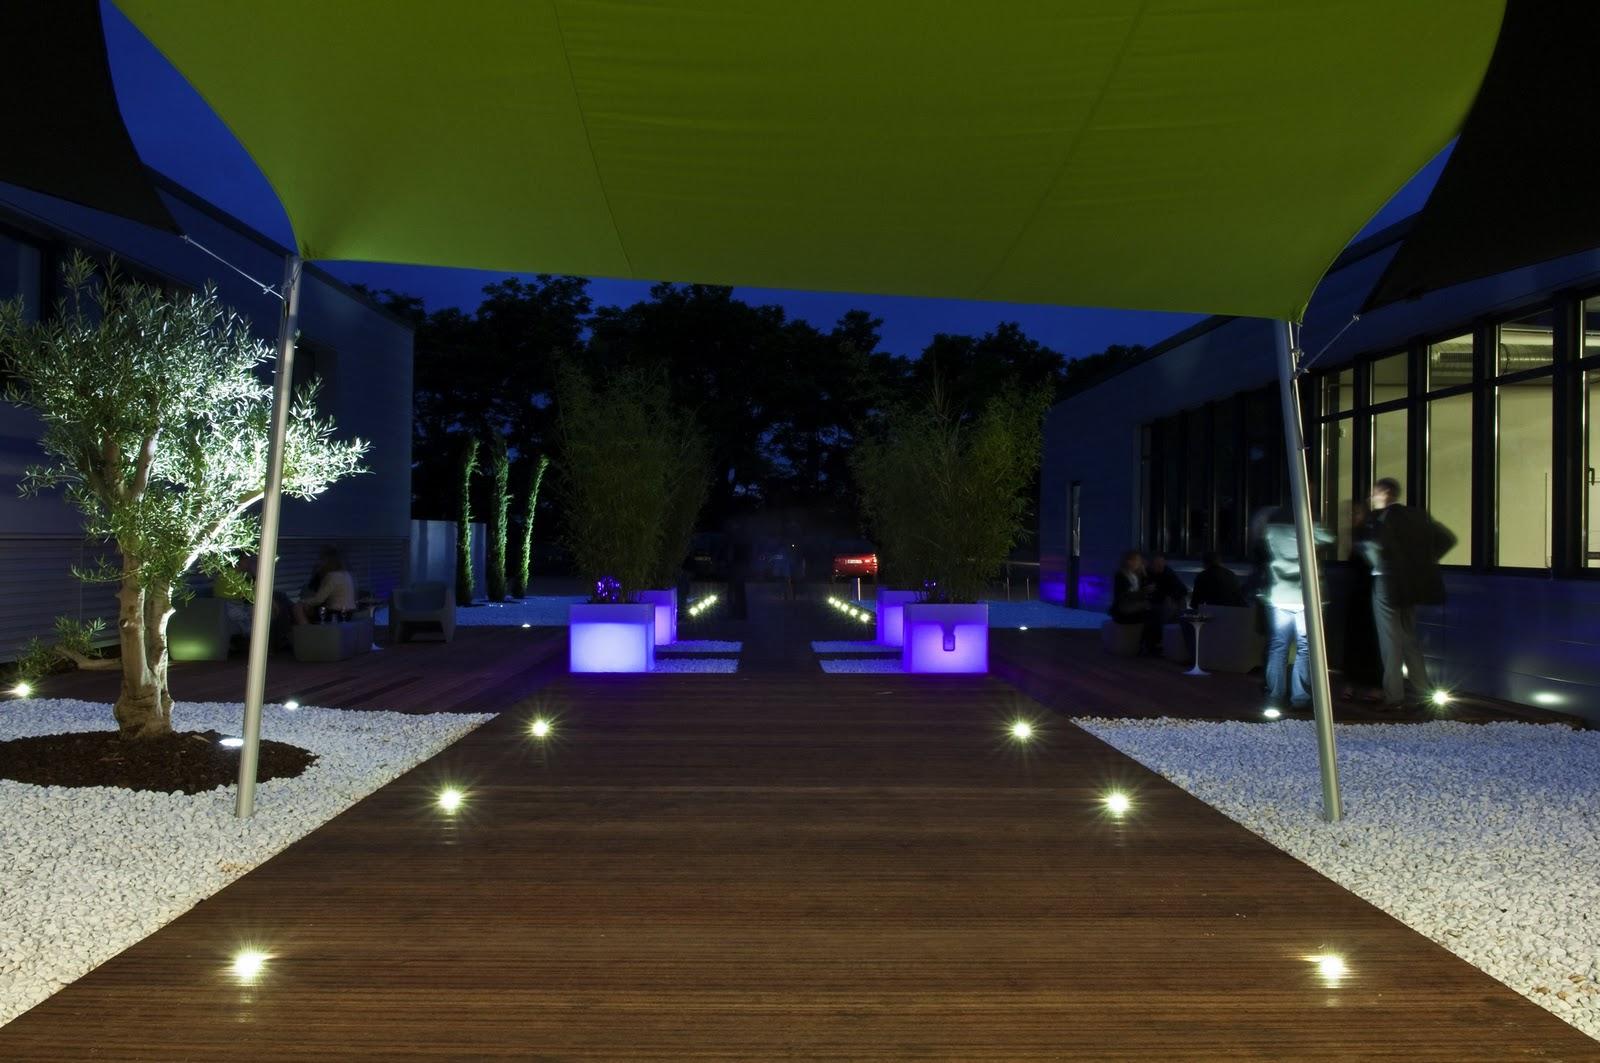 paysagiste tout sur les terrasses jardins design designer ext rieur paysagiste designer. Black Bedroom Furniture Sets. Home Design Ideas